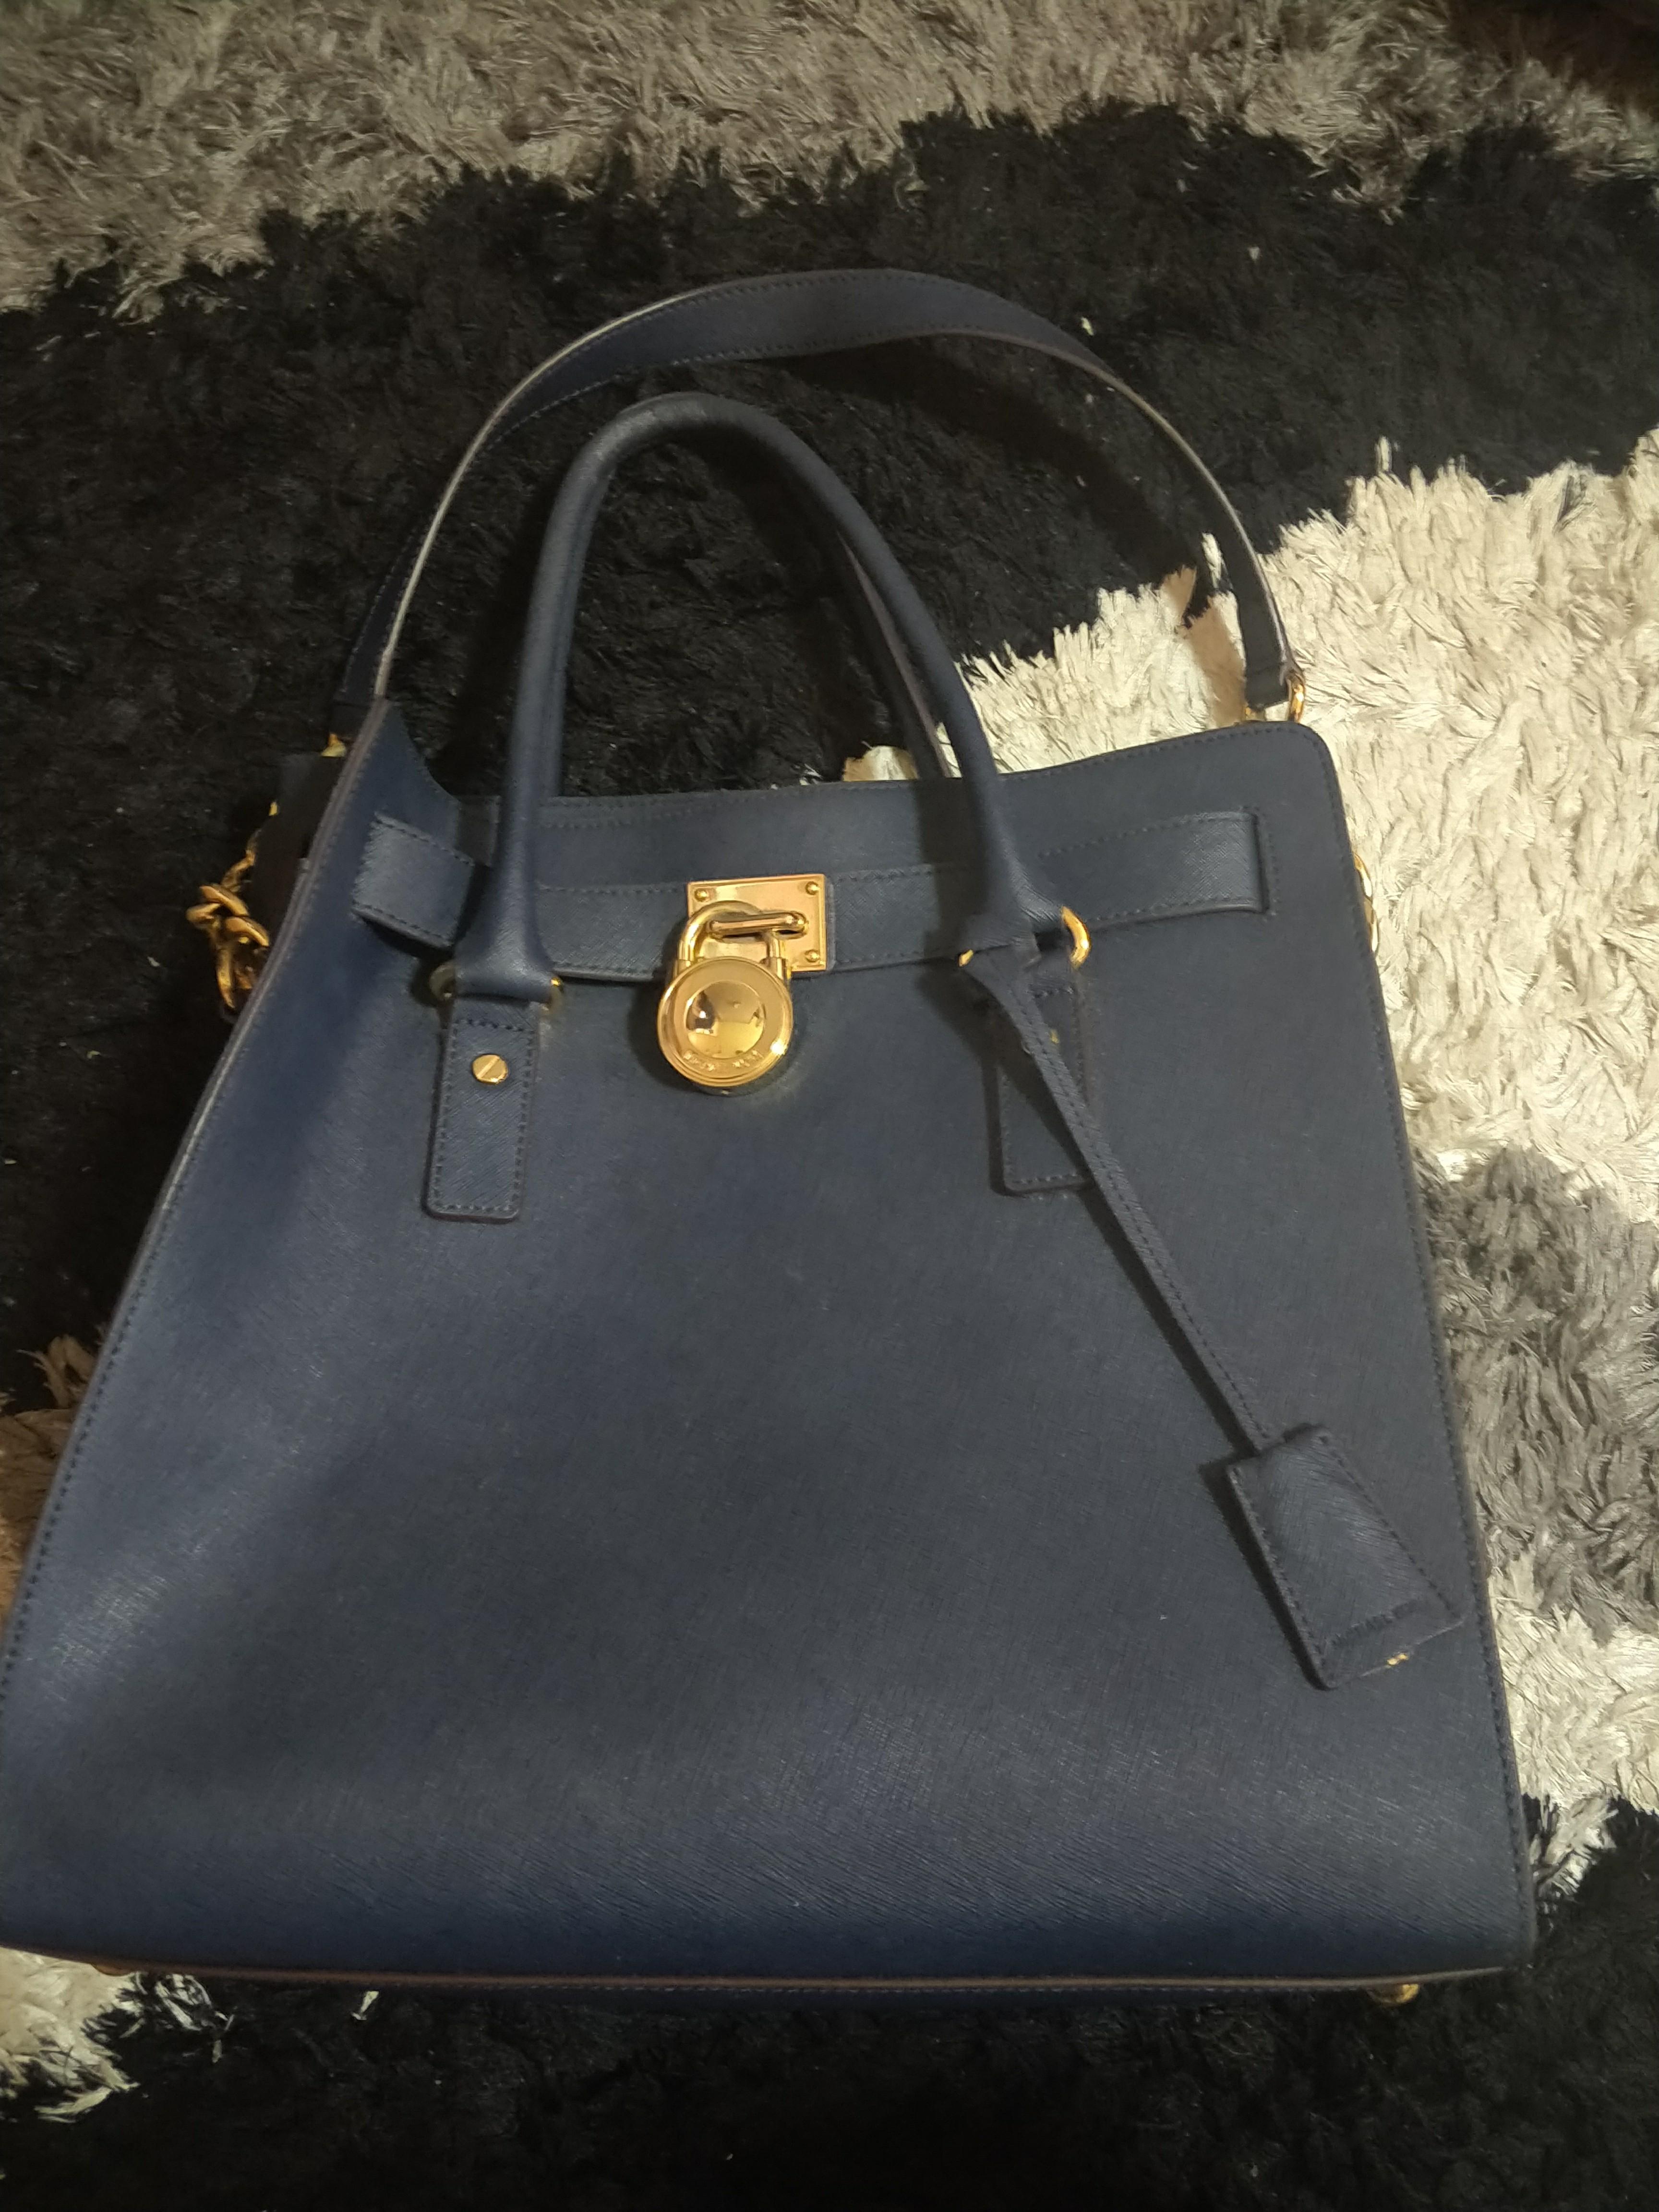 8e7ac6228d2a59 Michael Kors Hamilton large bag, Luxury, Bags & Wallets, Handbags on ...